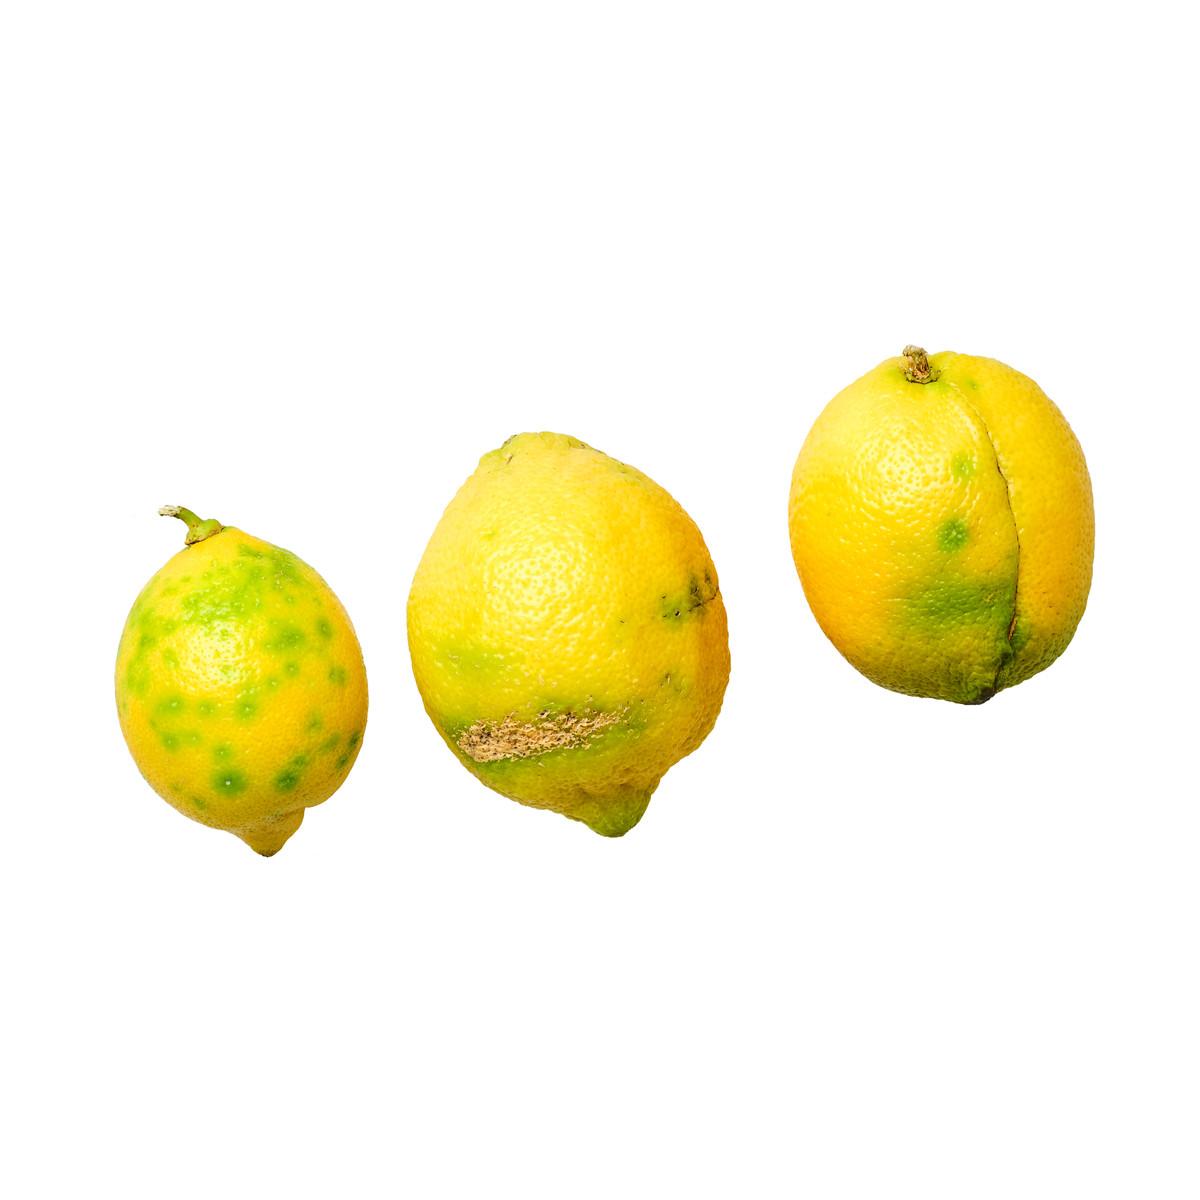 20200228_Gemüse:Obst_Freisteller_17.jpg